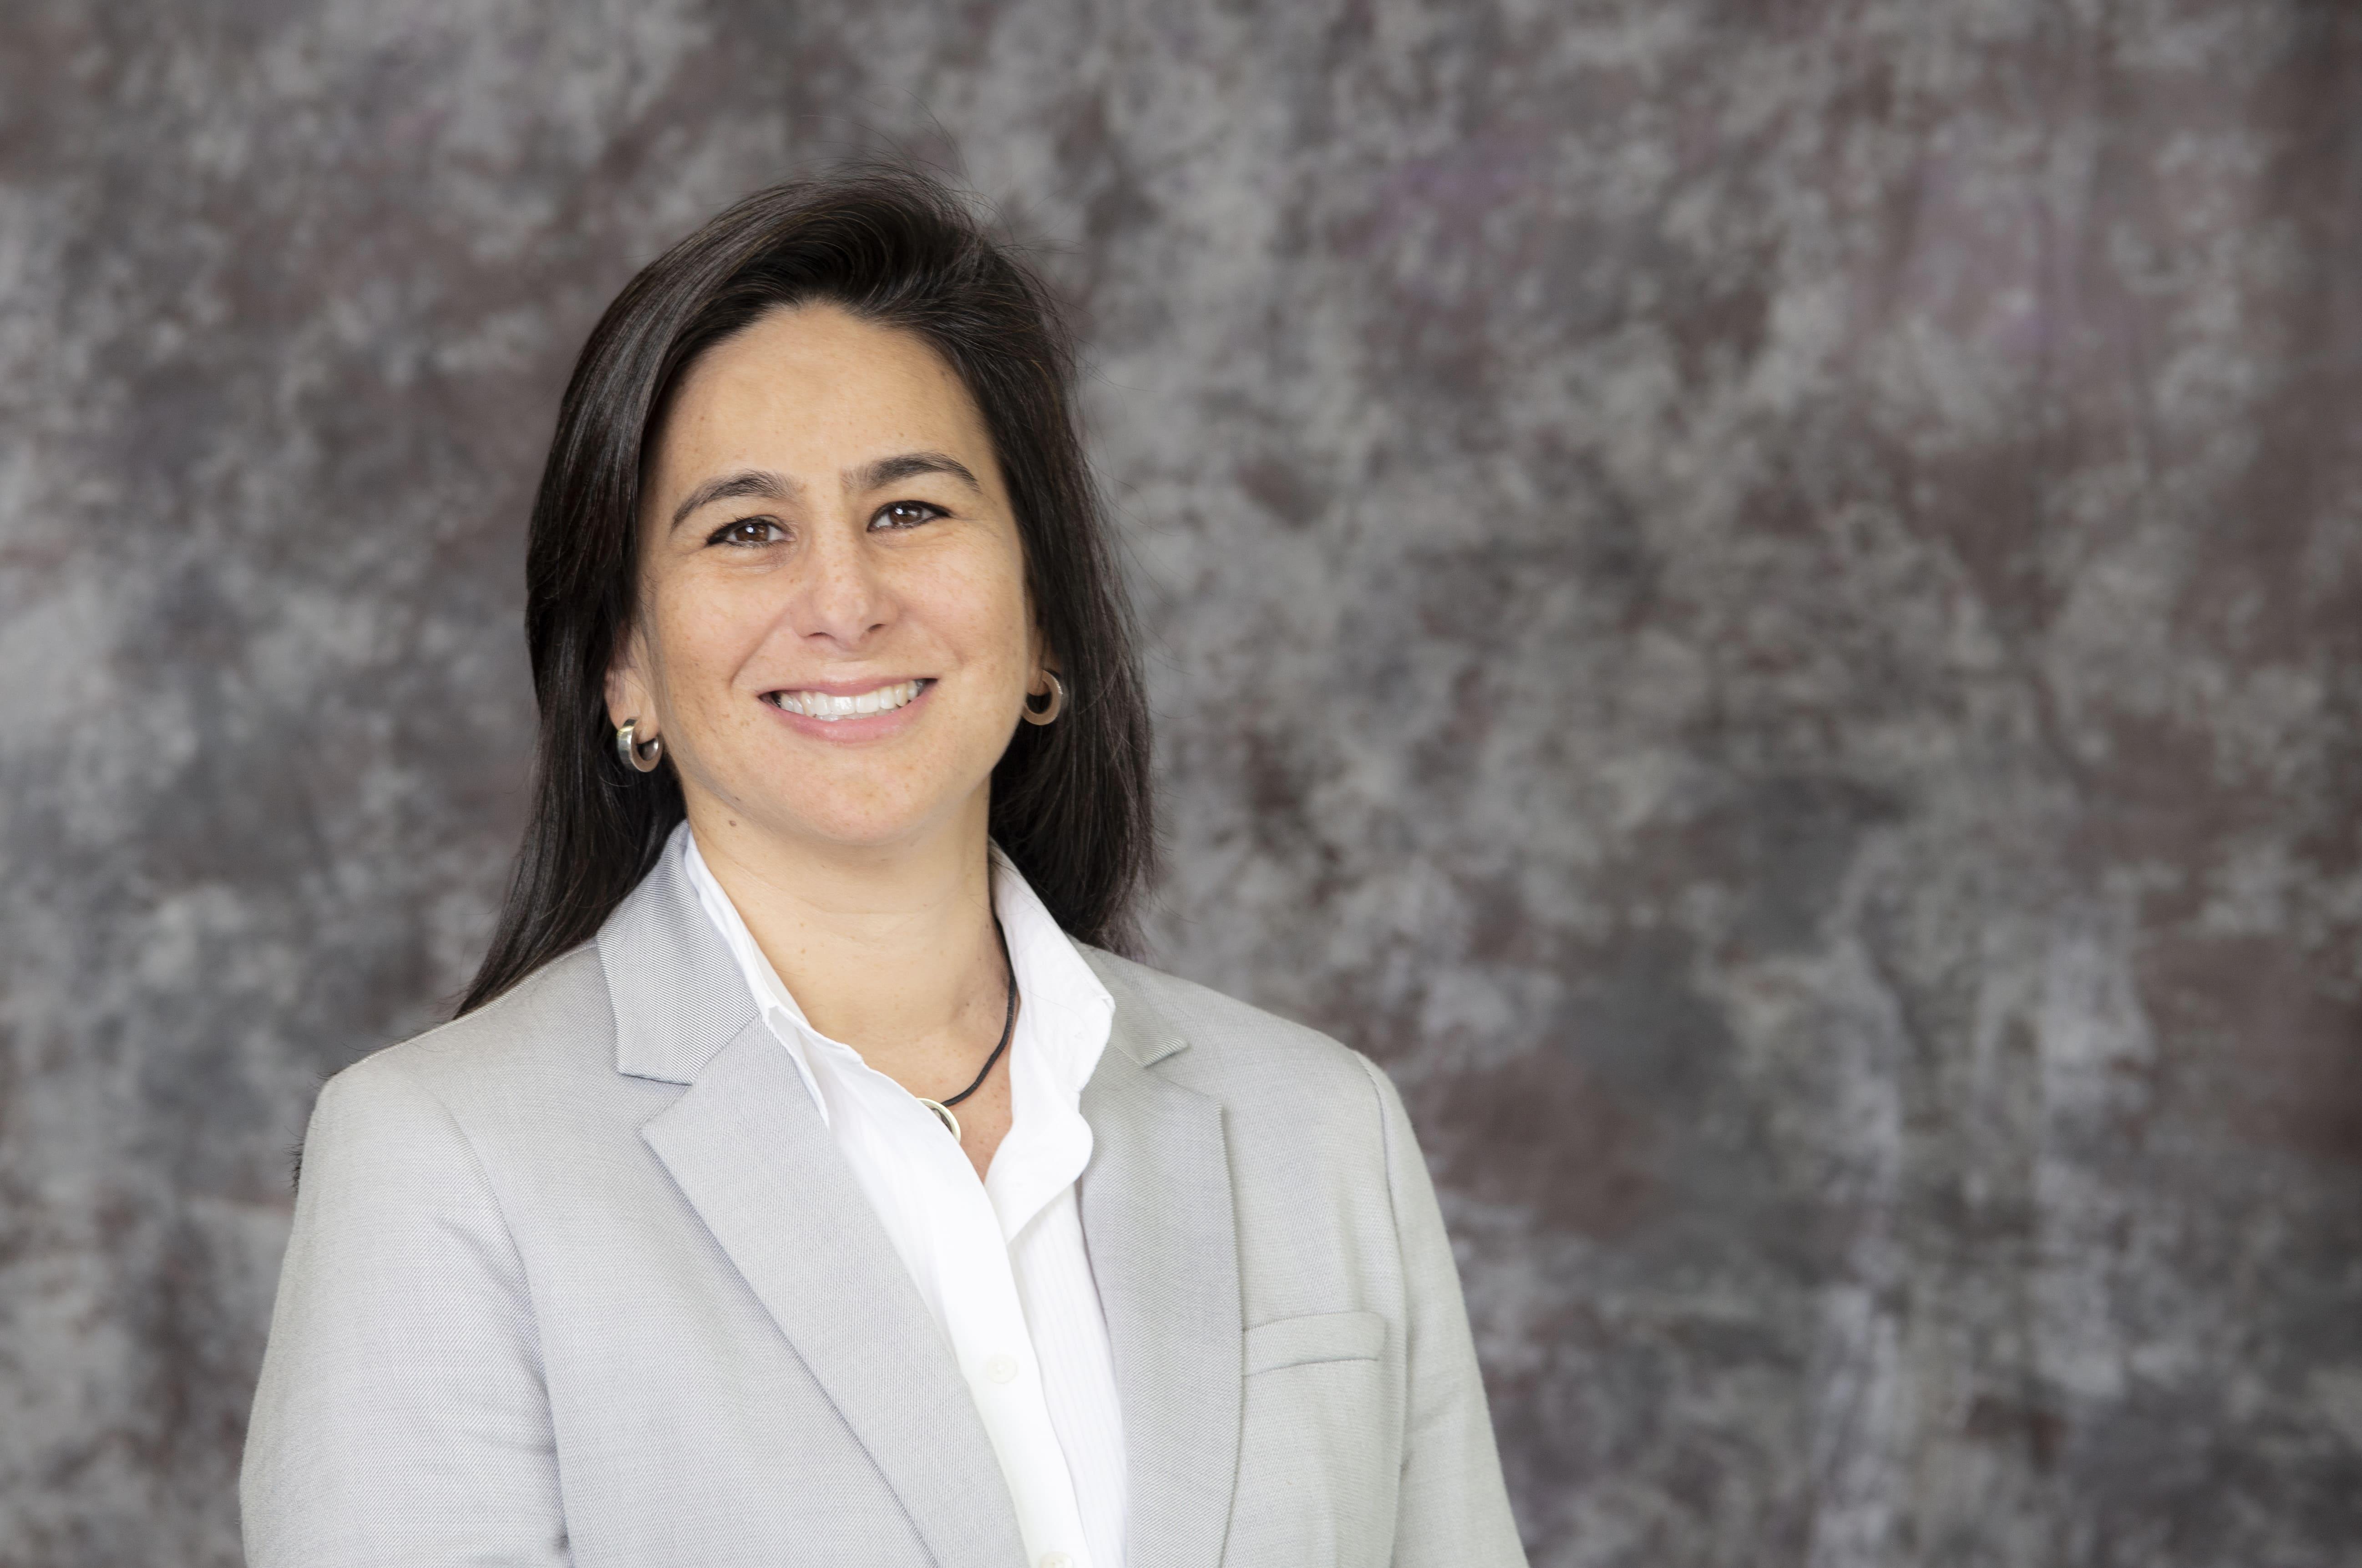 Arca Continental Lindley nombra nueva Directora de Asuntos Públicos, Comunicación y Sostenibilidad